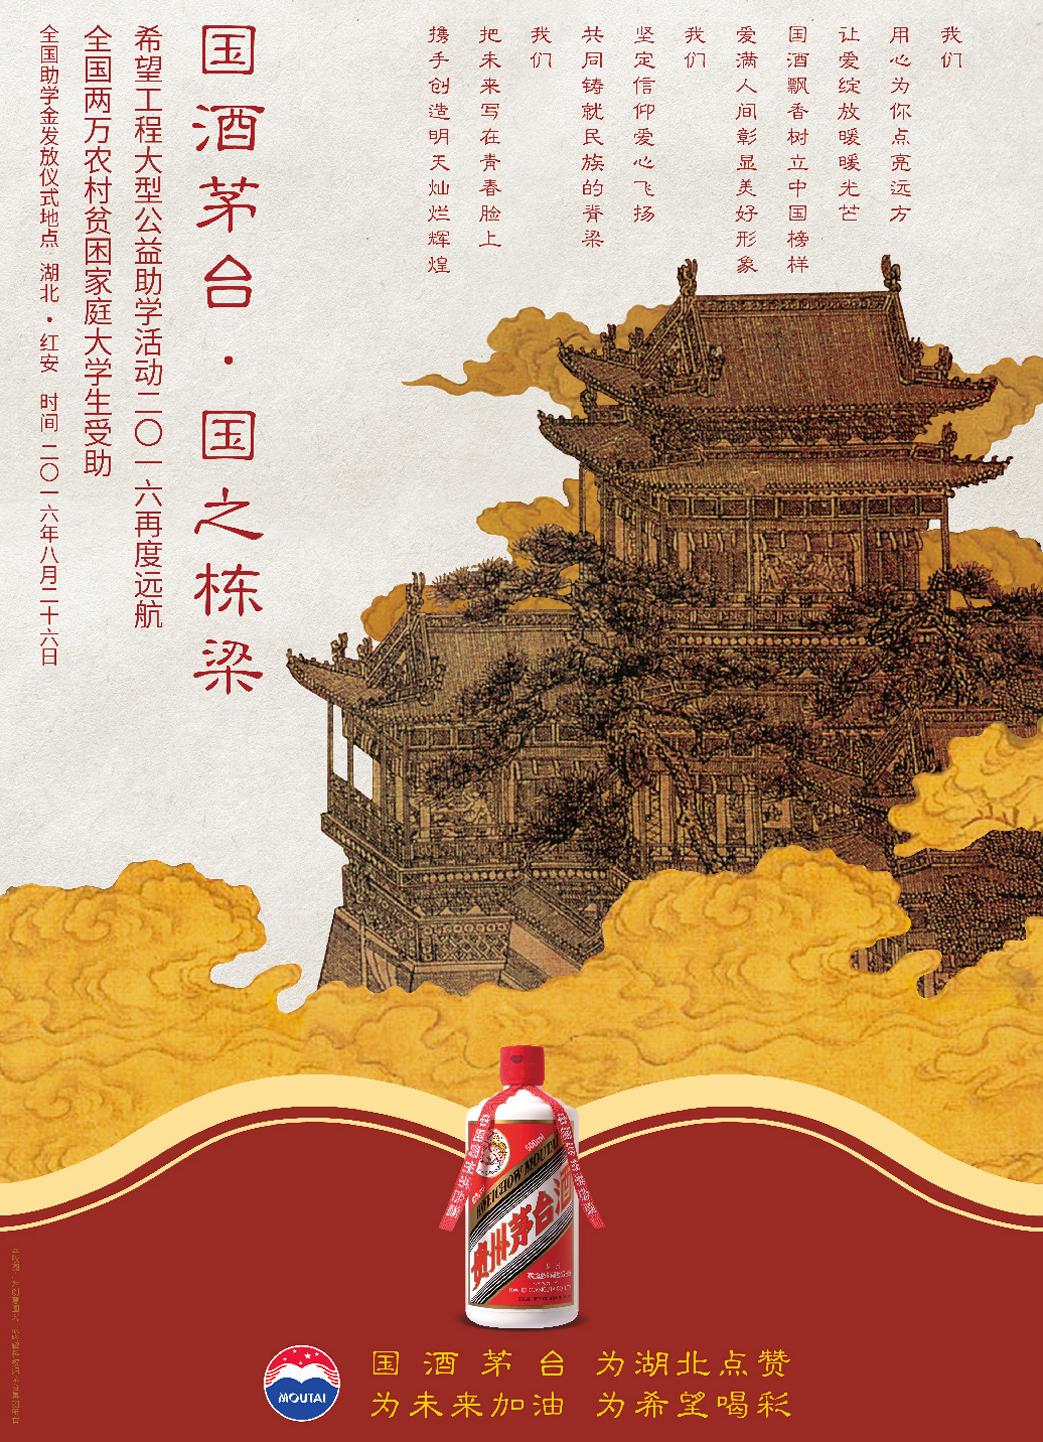 上海鹿马广告案例_国酒茅台酒系列海报7